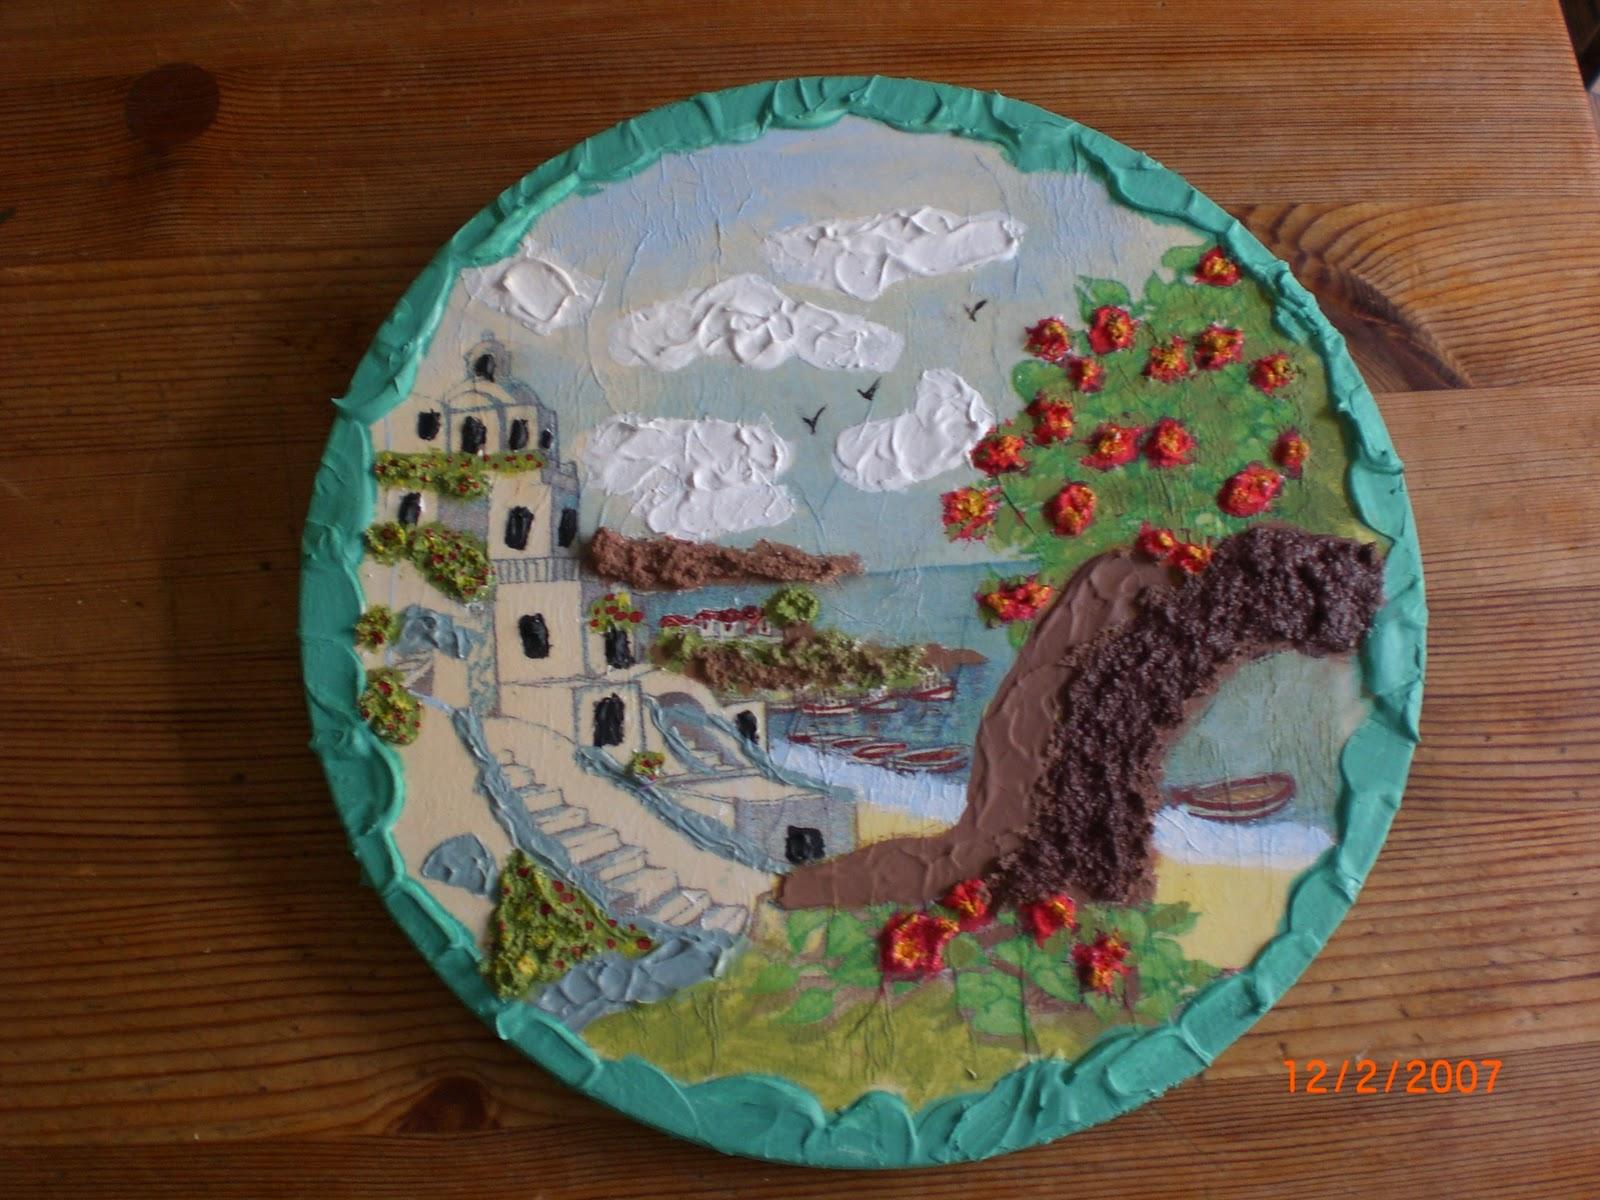 servilletas de paisajes en madera con vandal pasta de relieve y pintado el dibujo juego